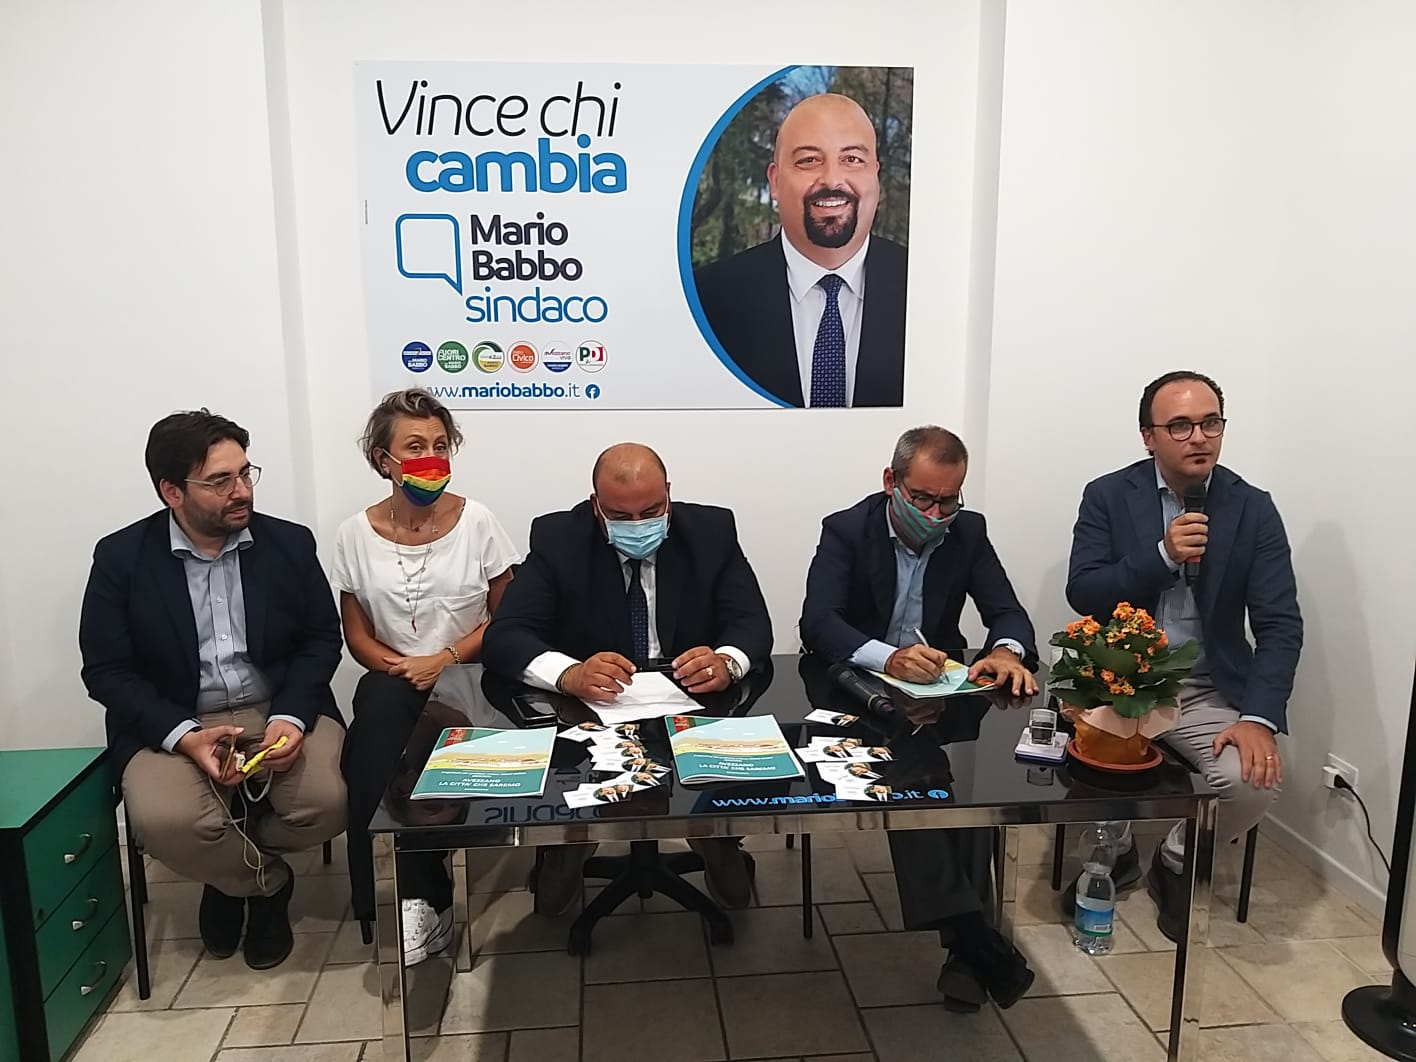 """Il sottosegretario Manzella ad Avezzano a sostegno di Mario Babbo: """"Piena disponibilità alla collaborazione per lo sviluppo"""""""